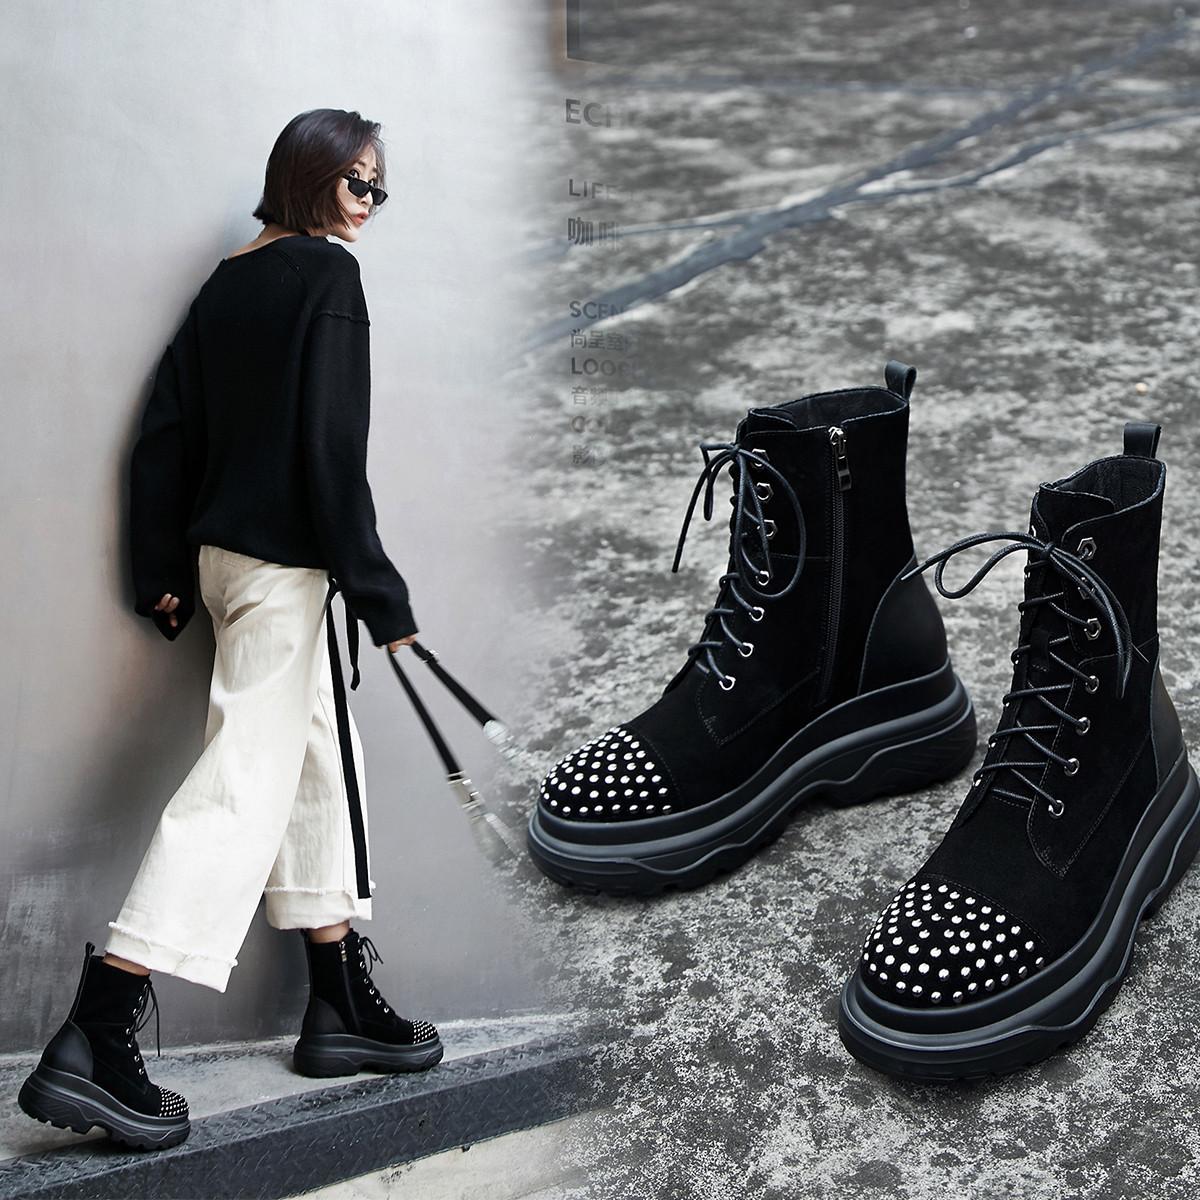 白鳕儿19年冬季新款牛反绒厚底内增高铆钉休闲马丁靴时尚潮街头女短靴X19T9496HR